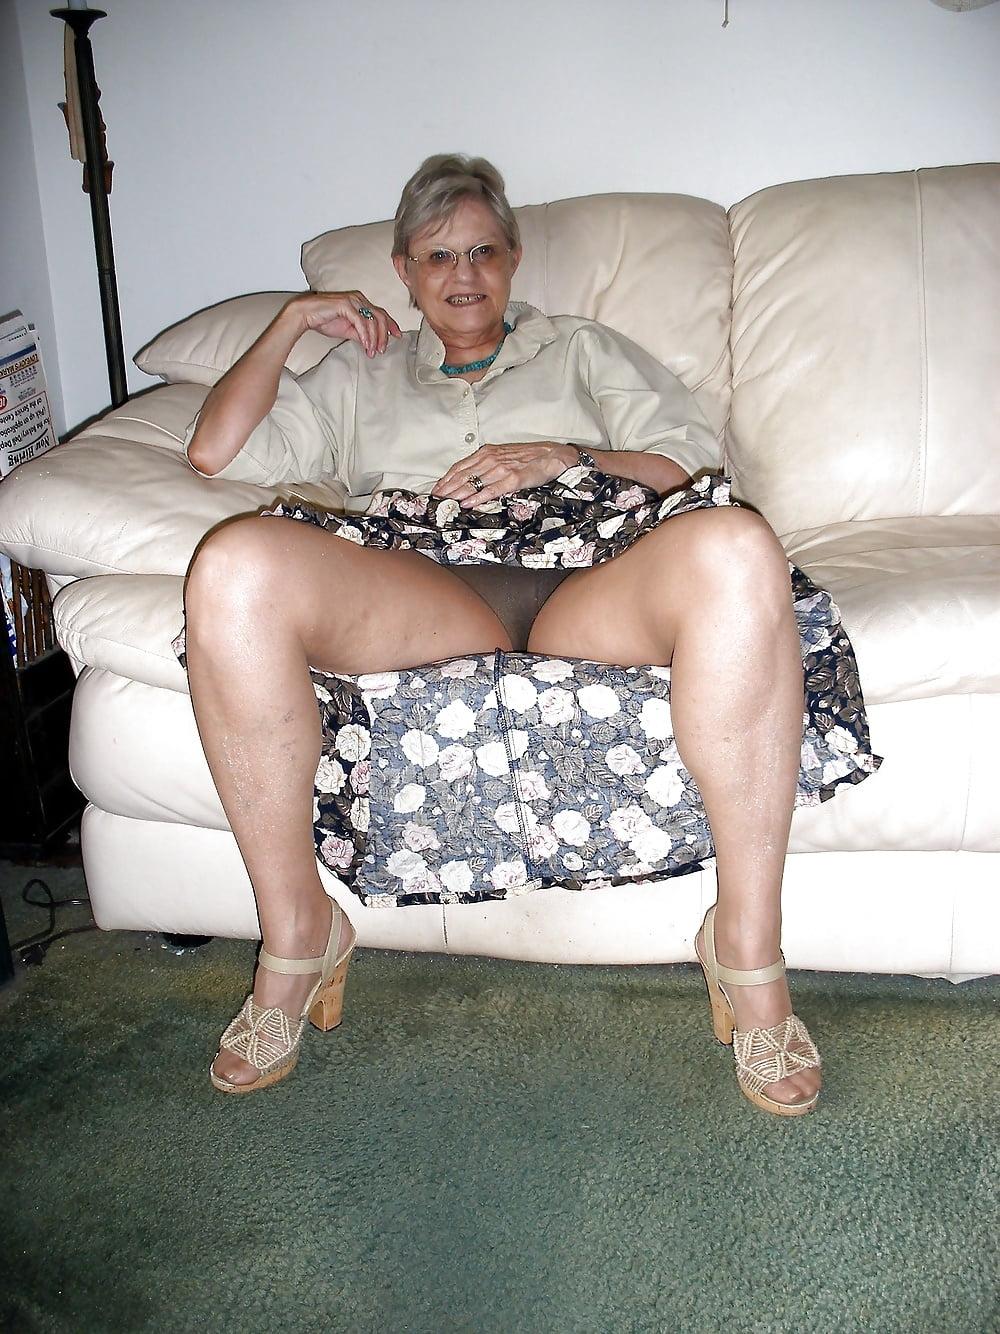 granny-upskirt-panties-bent-over-panties-around-calves